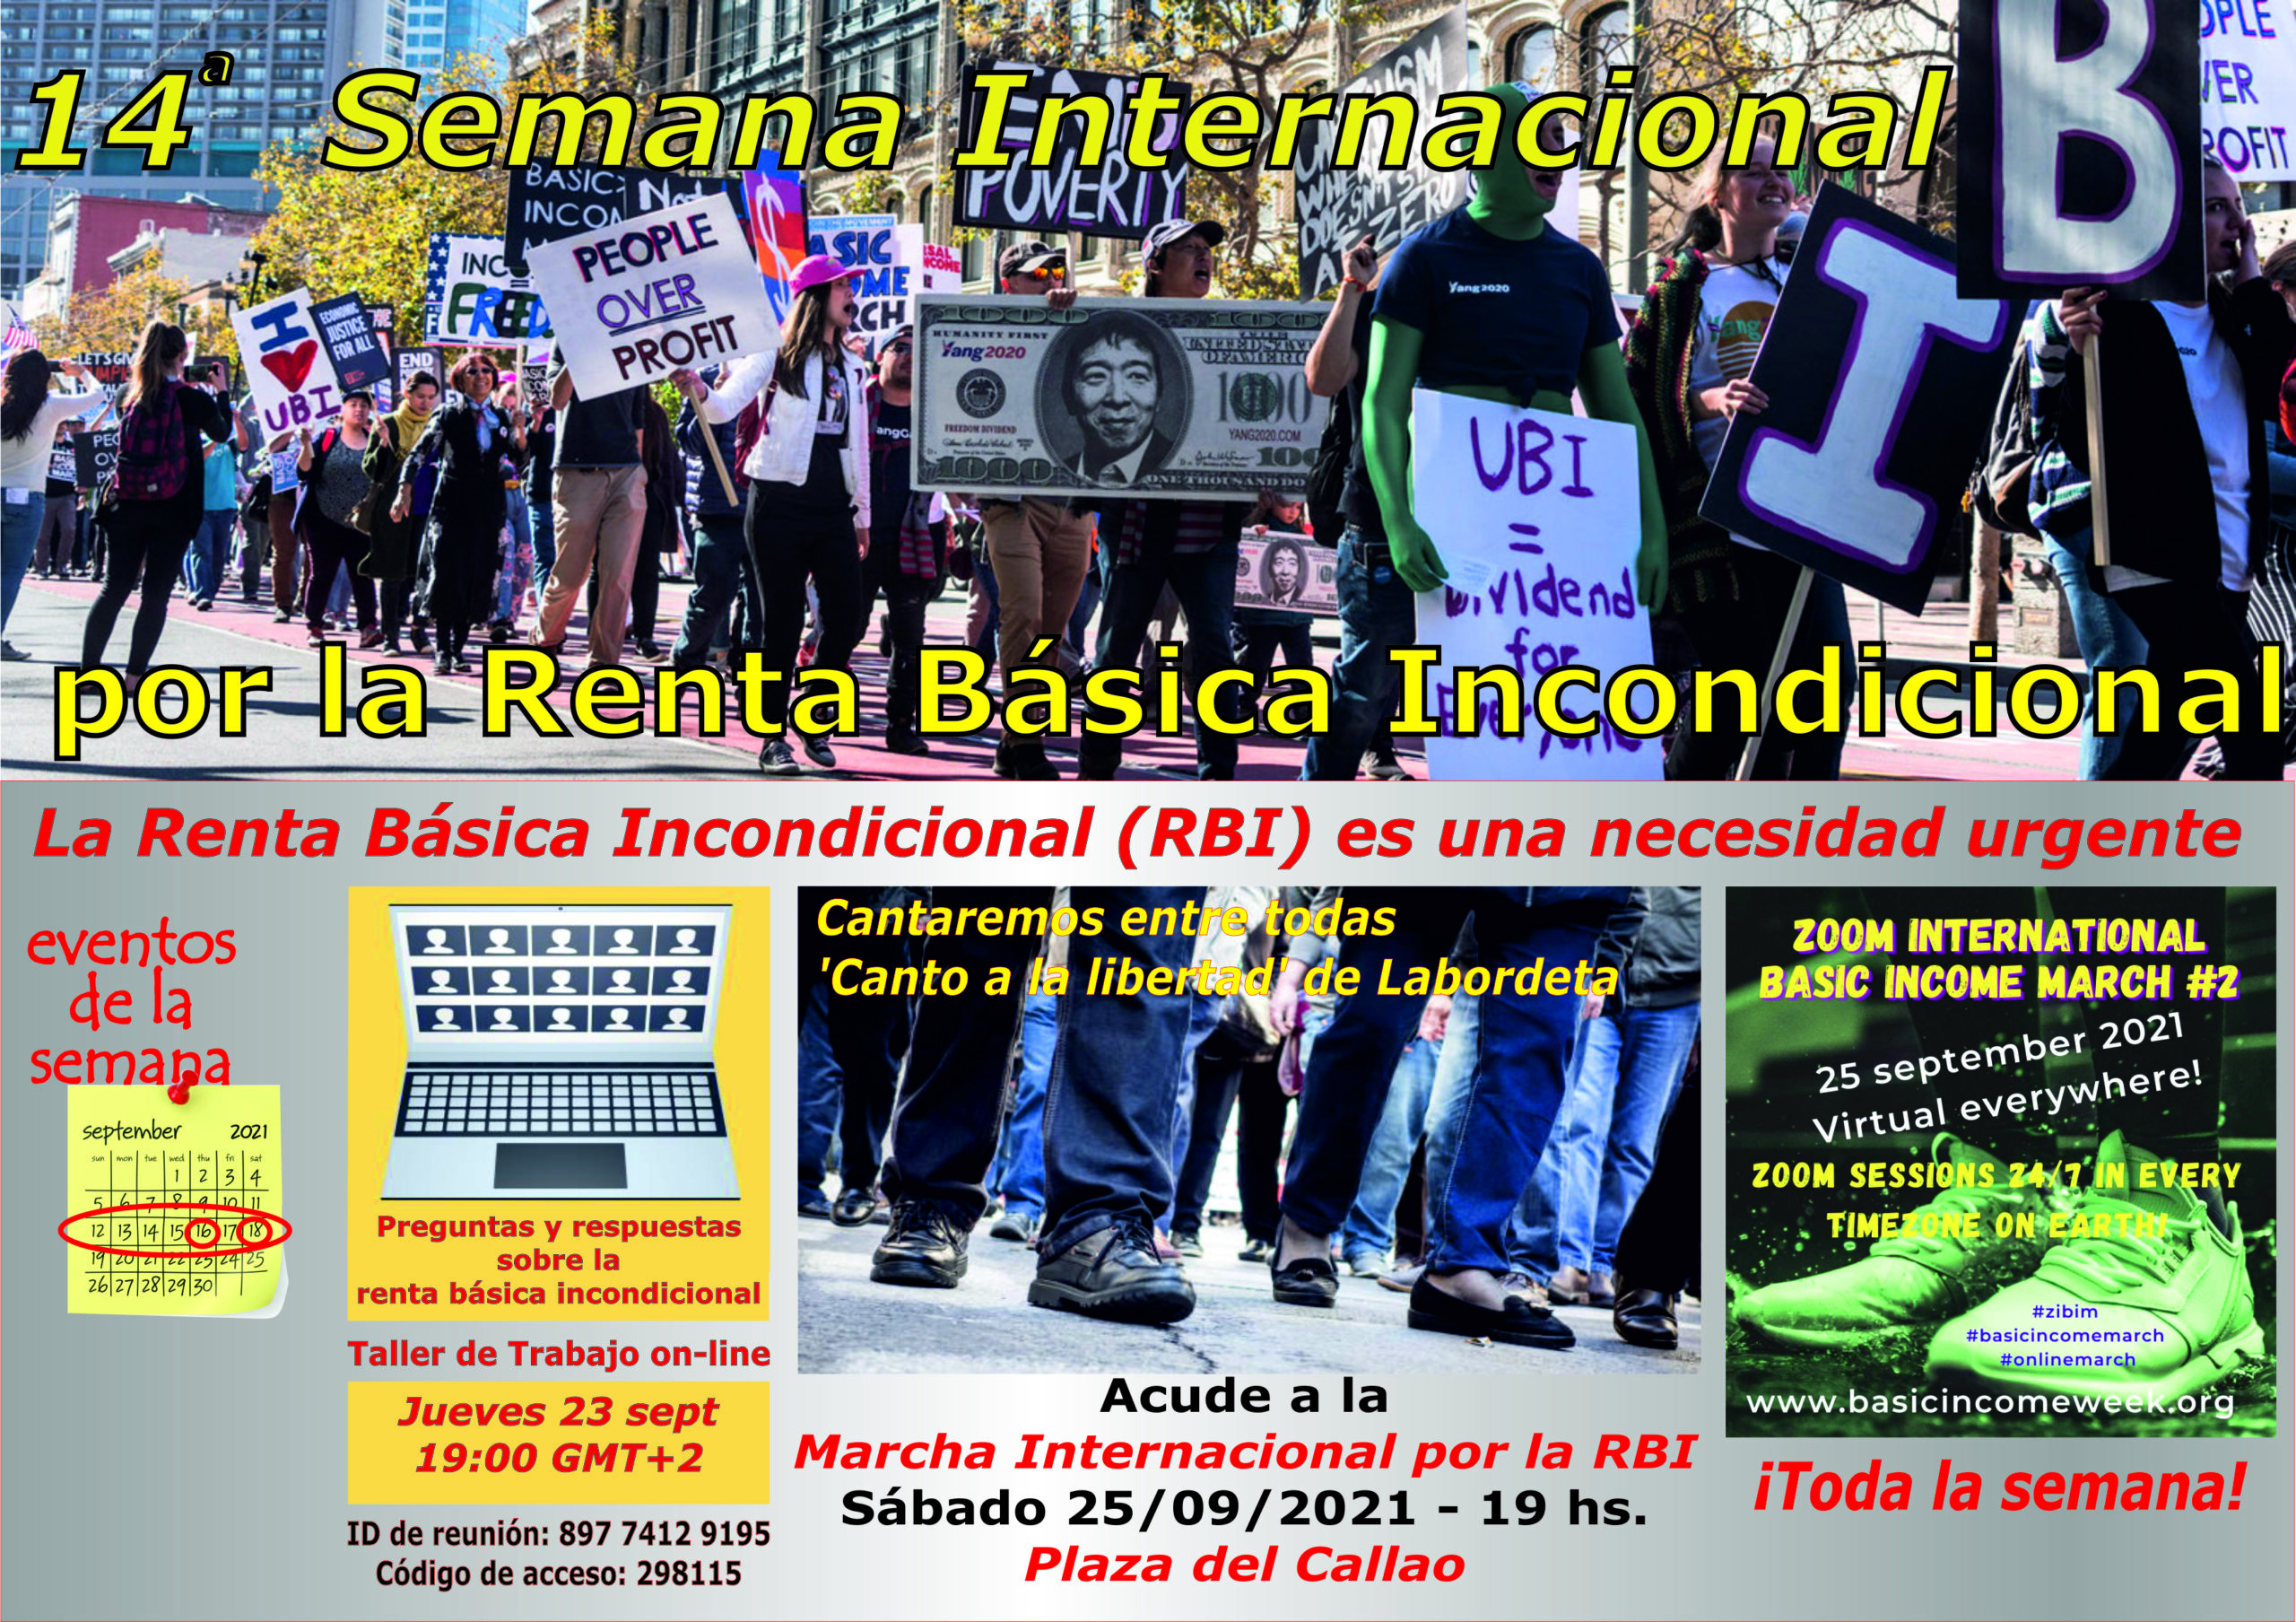 14 SEMANA INTERNACIONAL DE LA RENTA BÁSICA INCONDICIONAL